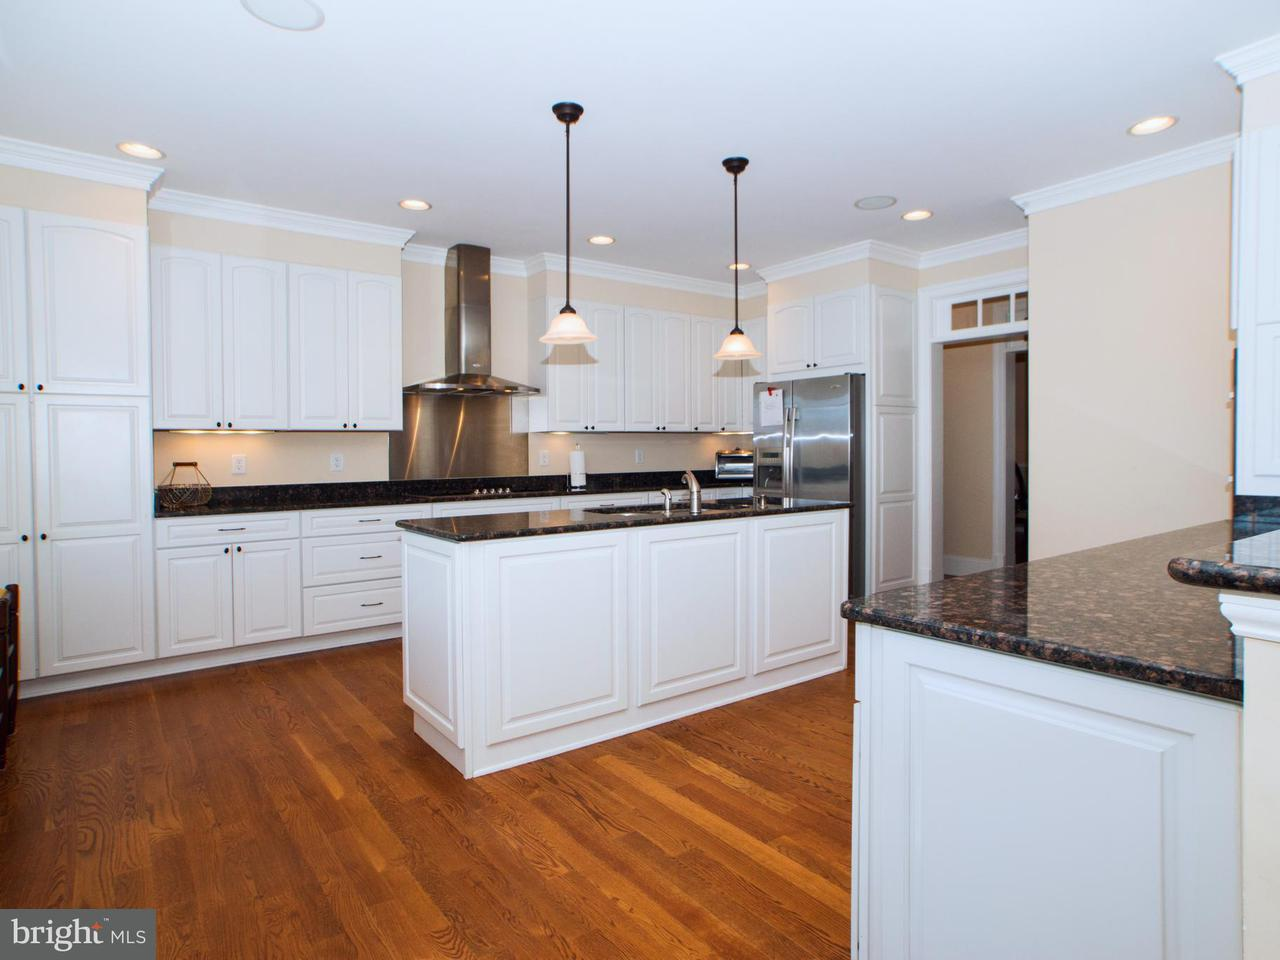 Частный односемейный дом для того Продажа на 568 ARK Avenue 568 ARK Avenue Bumpass, Виргиния 23024 Соединенные Штаты